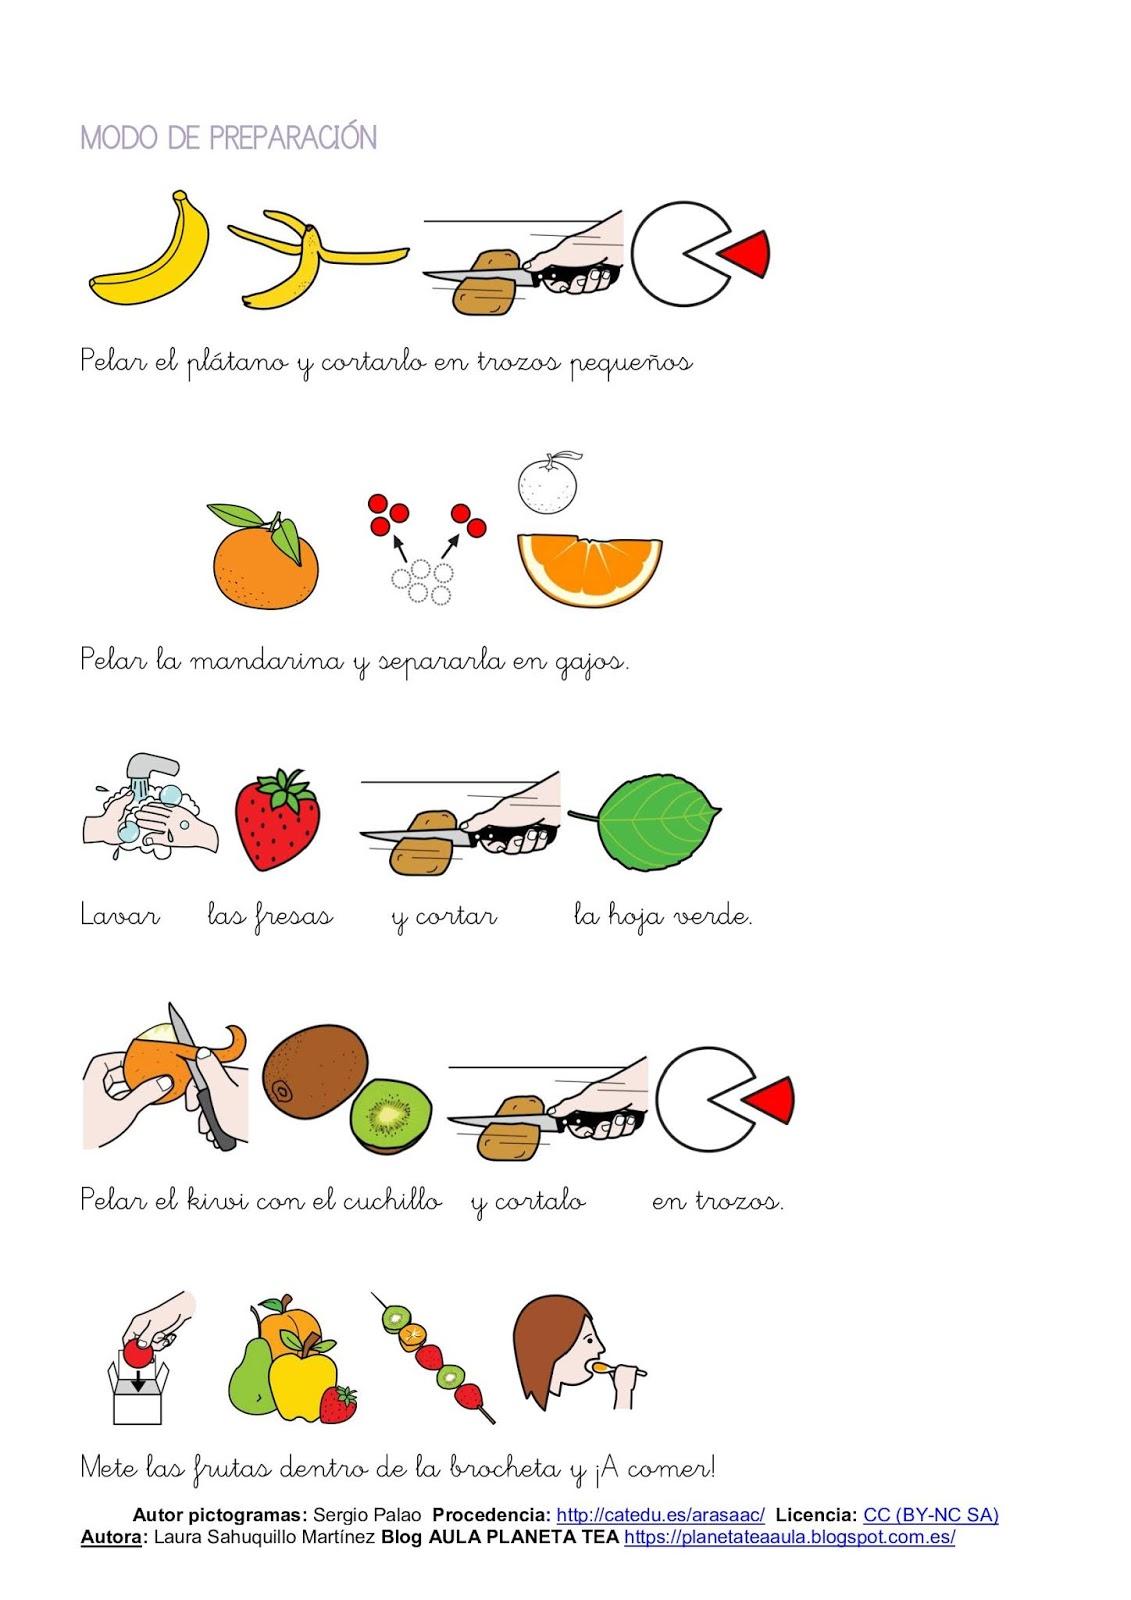 Elegant A Lo Largo Del Curso Hemos Hecho Recetas Tanto Dulces Como Saladas. Mis  Recetas De Cocina.pdf